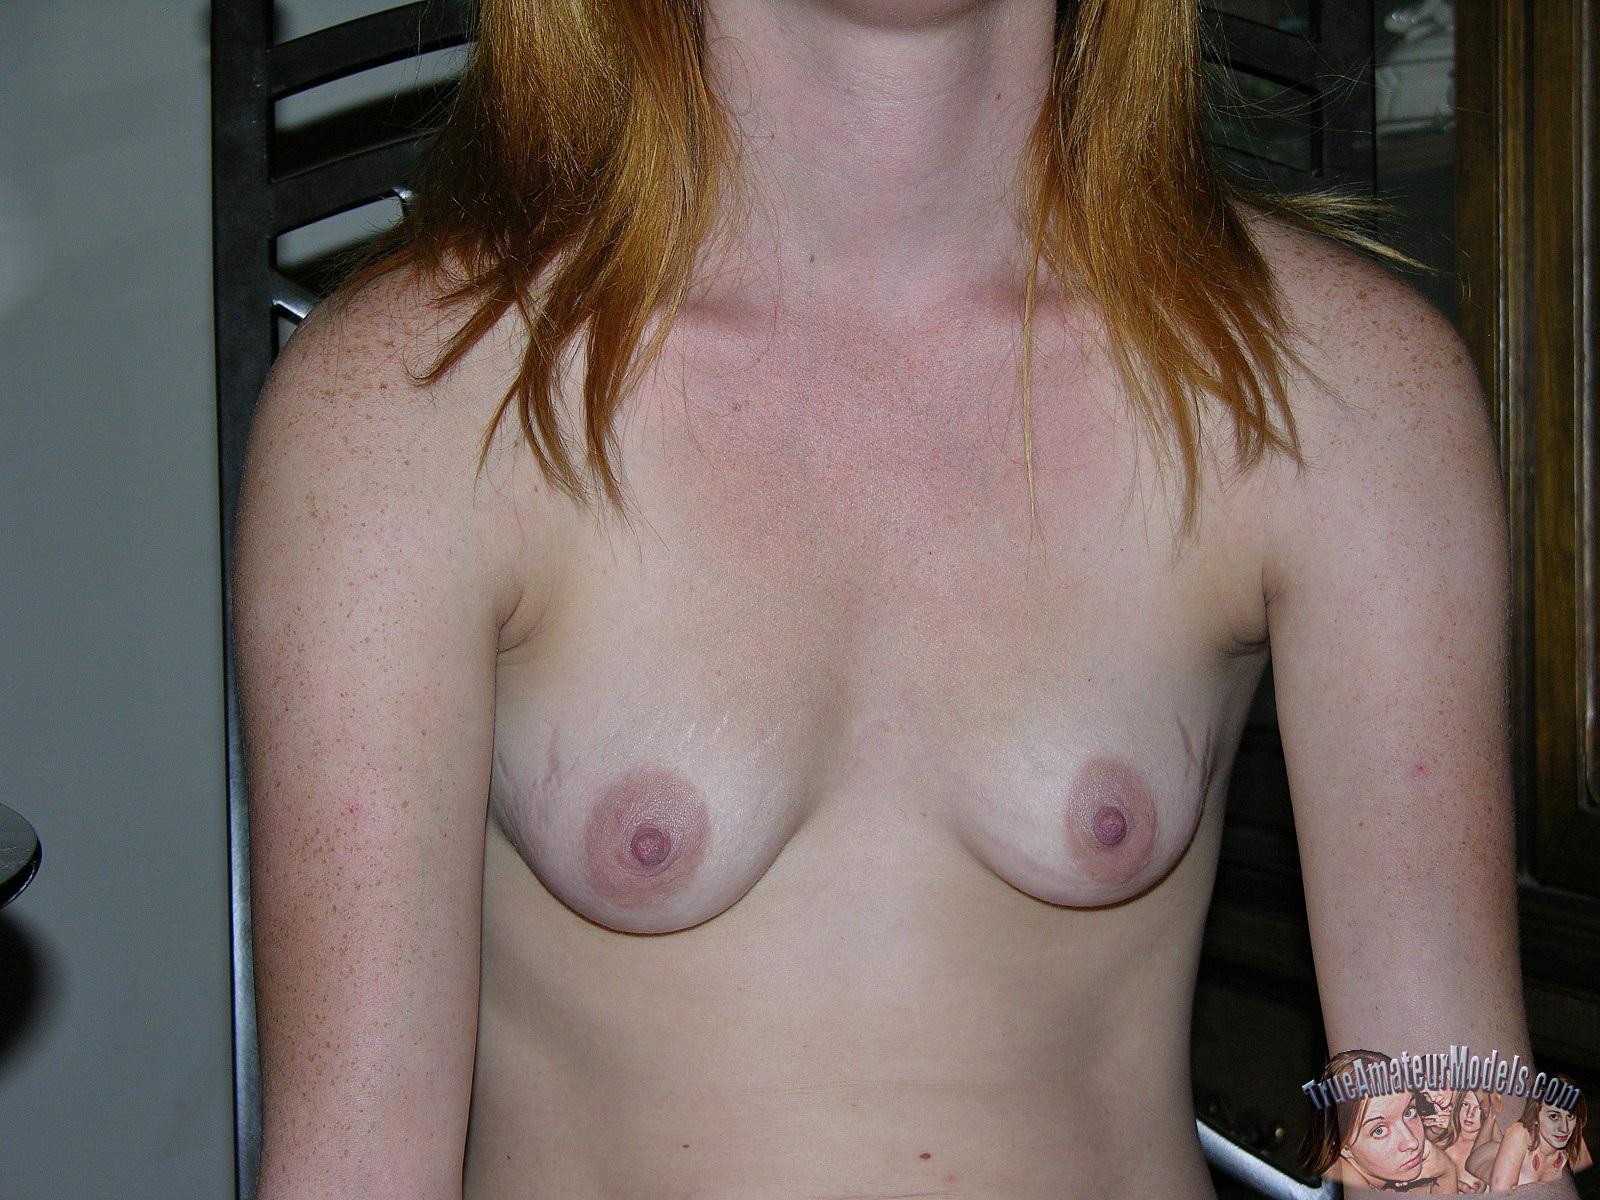 Alissa Porn Pics true amateur models alissa c. amateur & tiny breasted petite